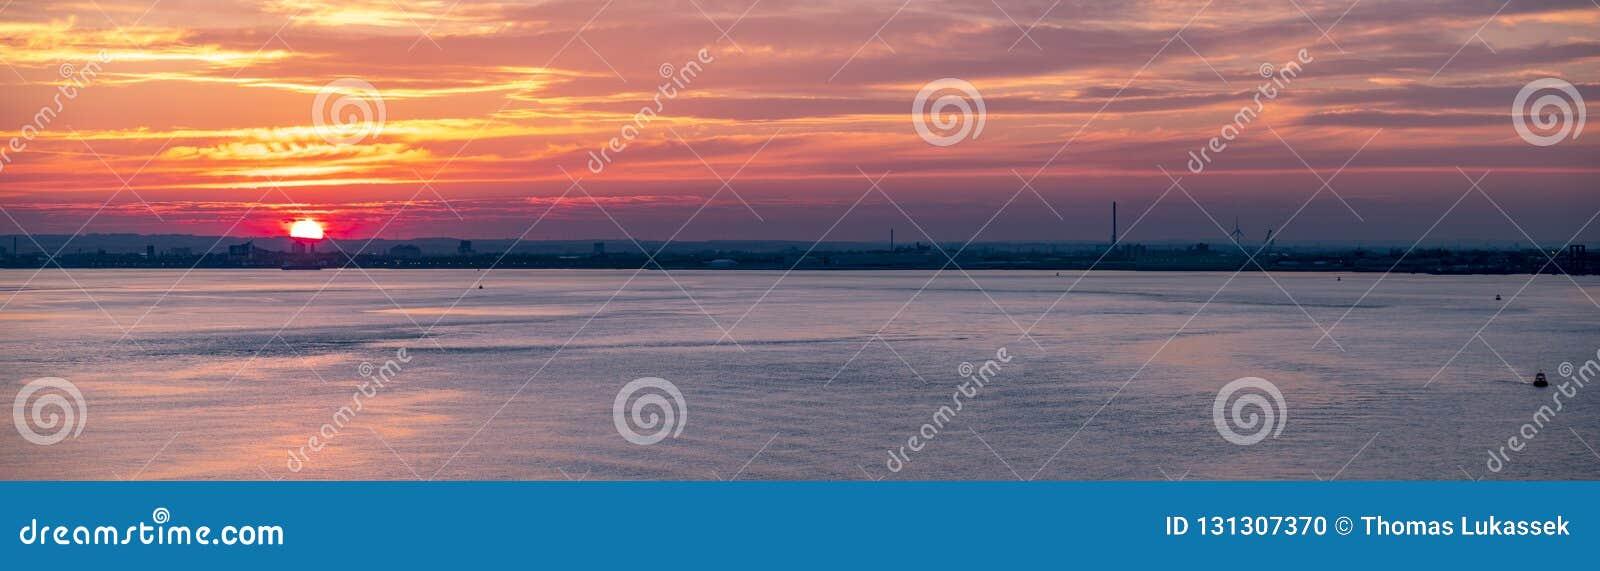 Port de coque au coucher du soleil, Angleterre - Royaume-Uni